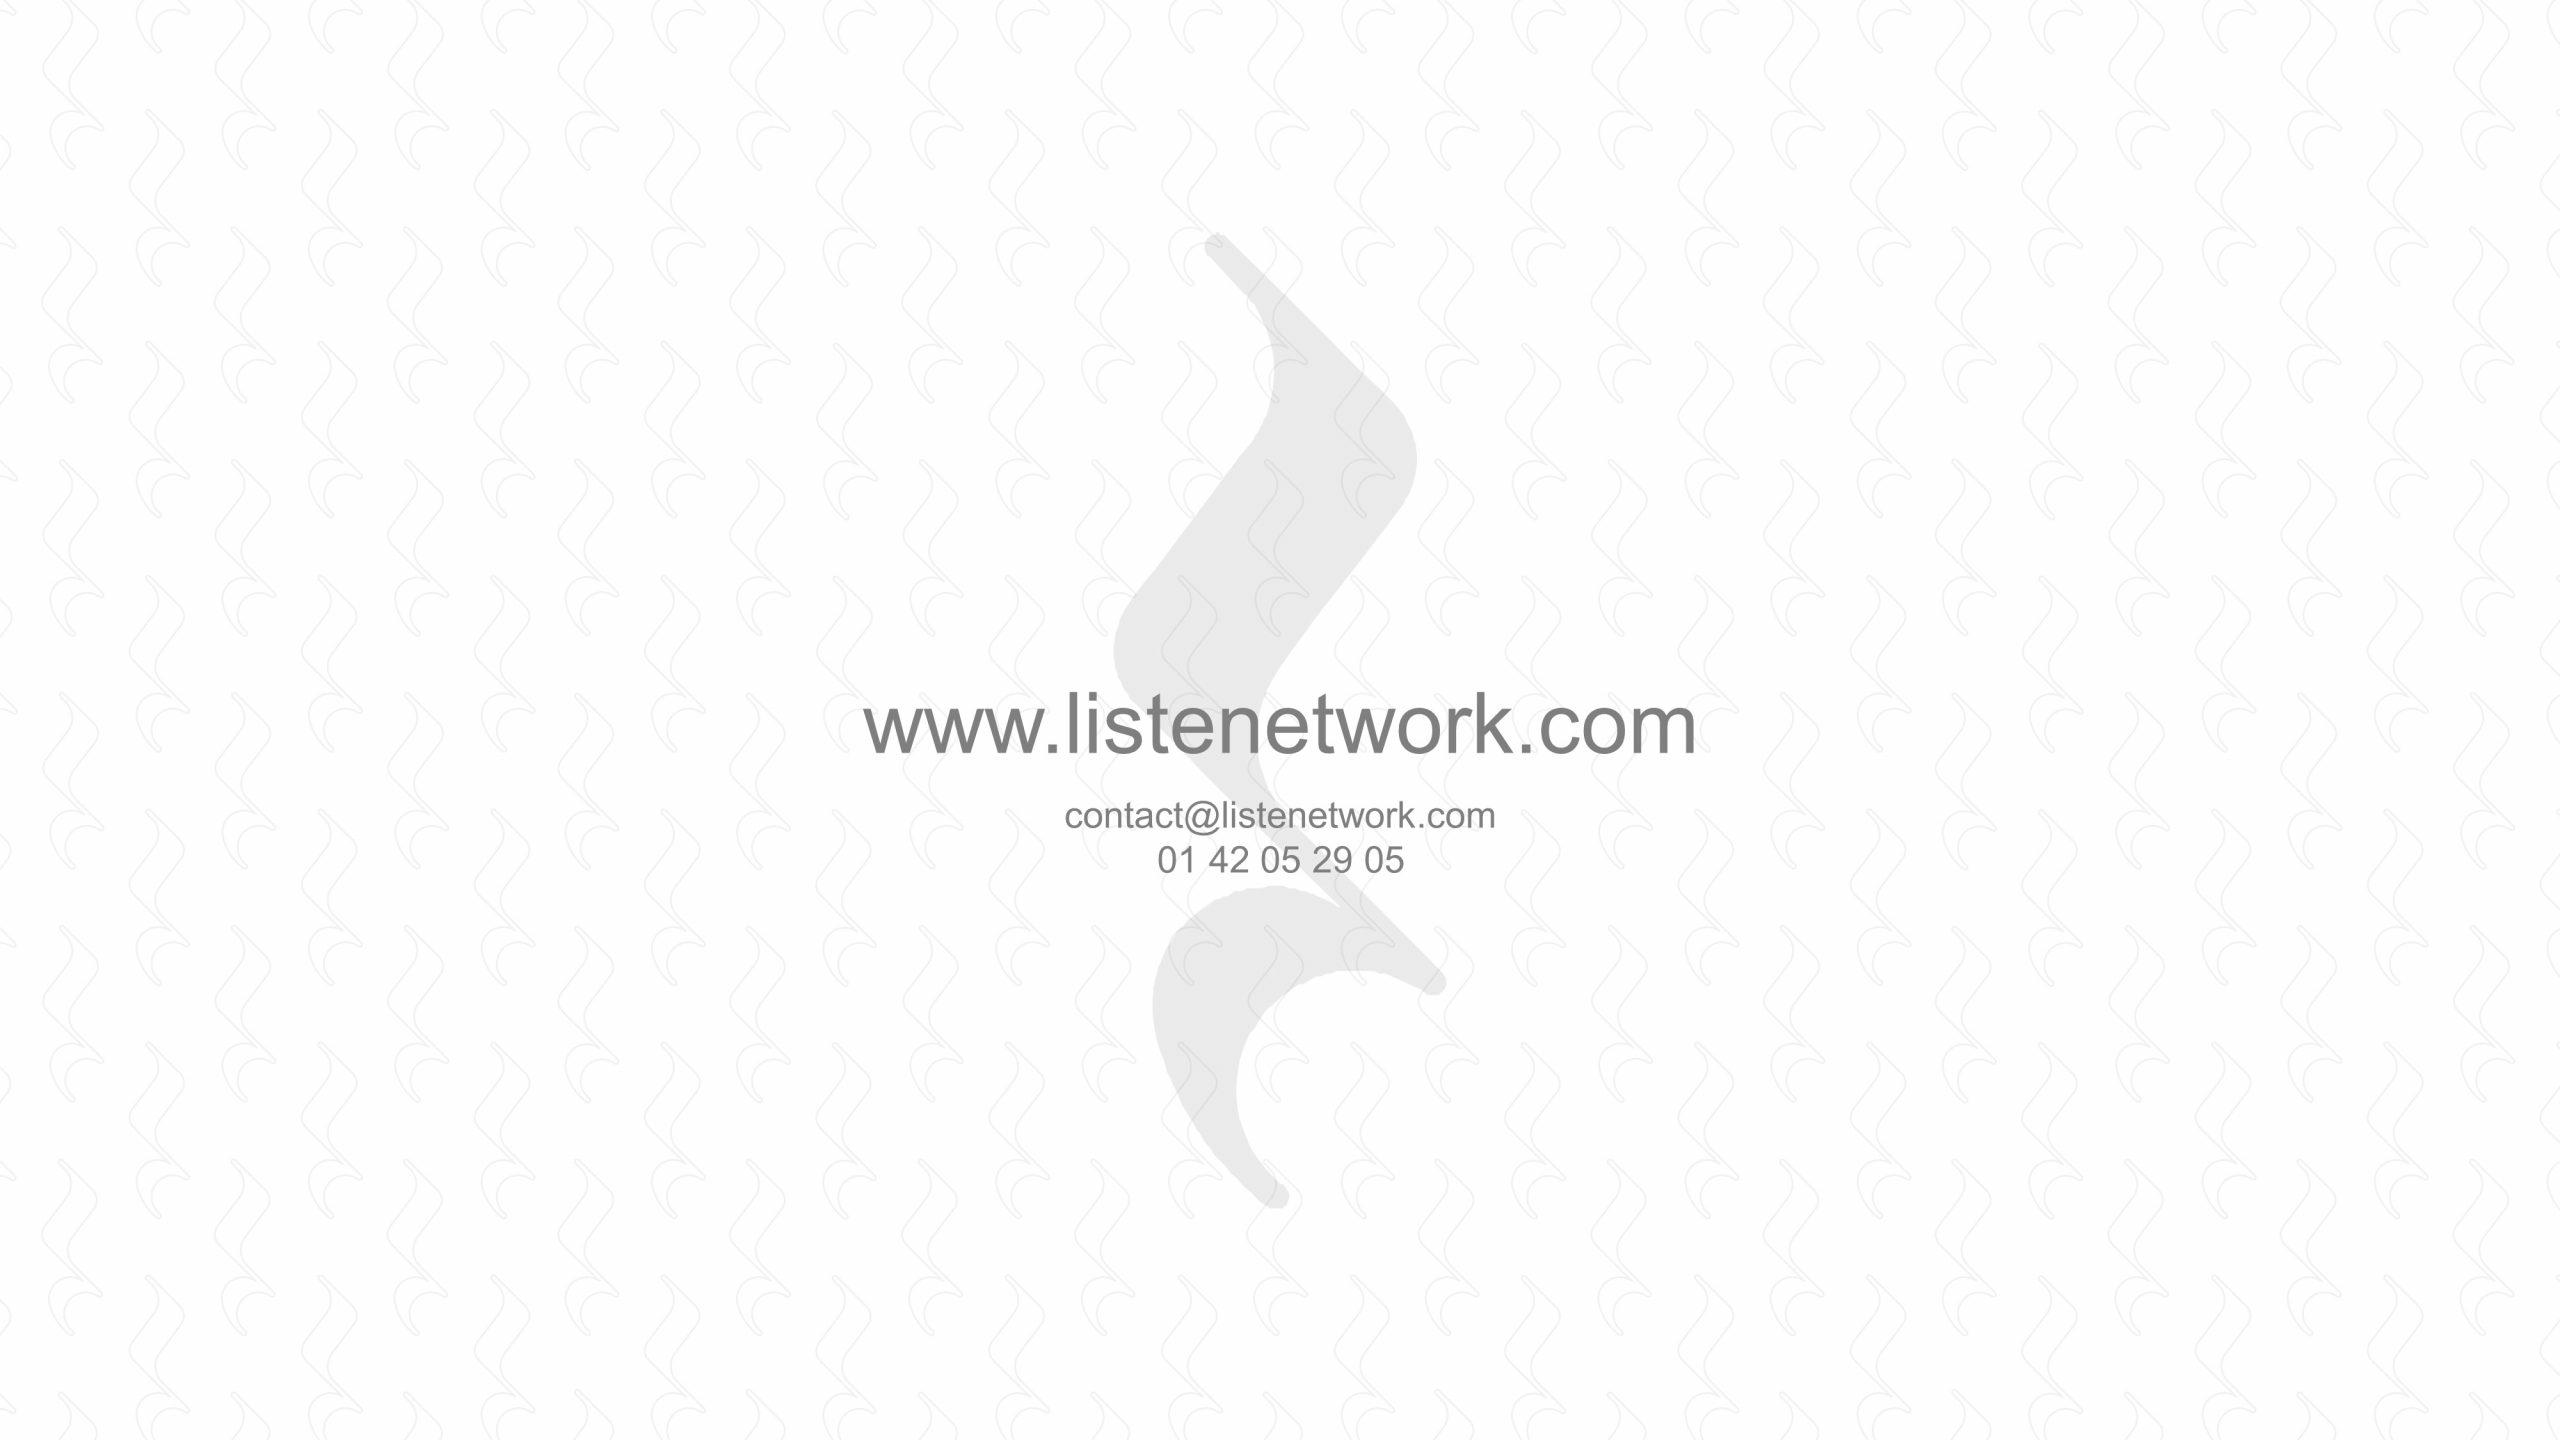 Listen! slideshow 10 - 83bis design studio